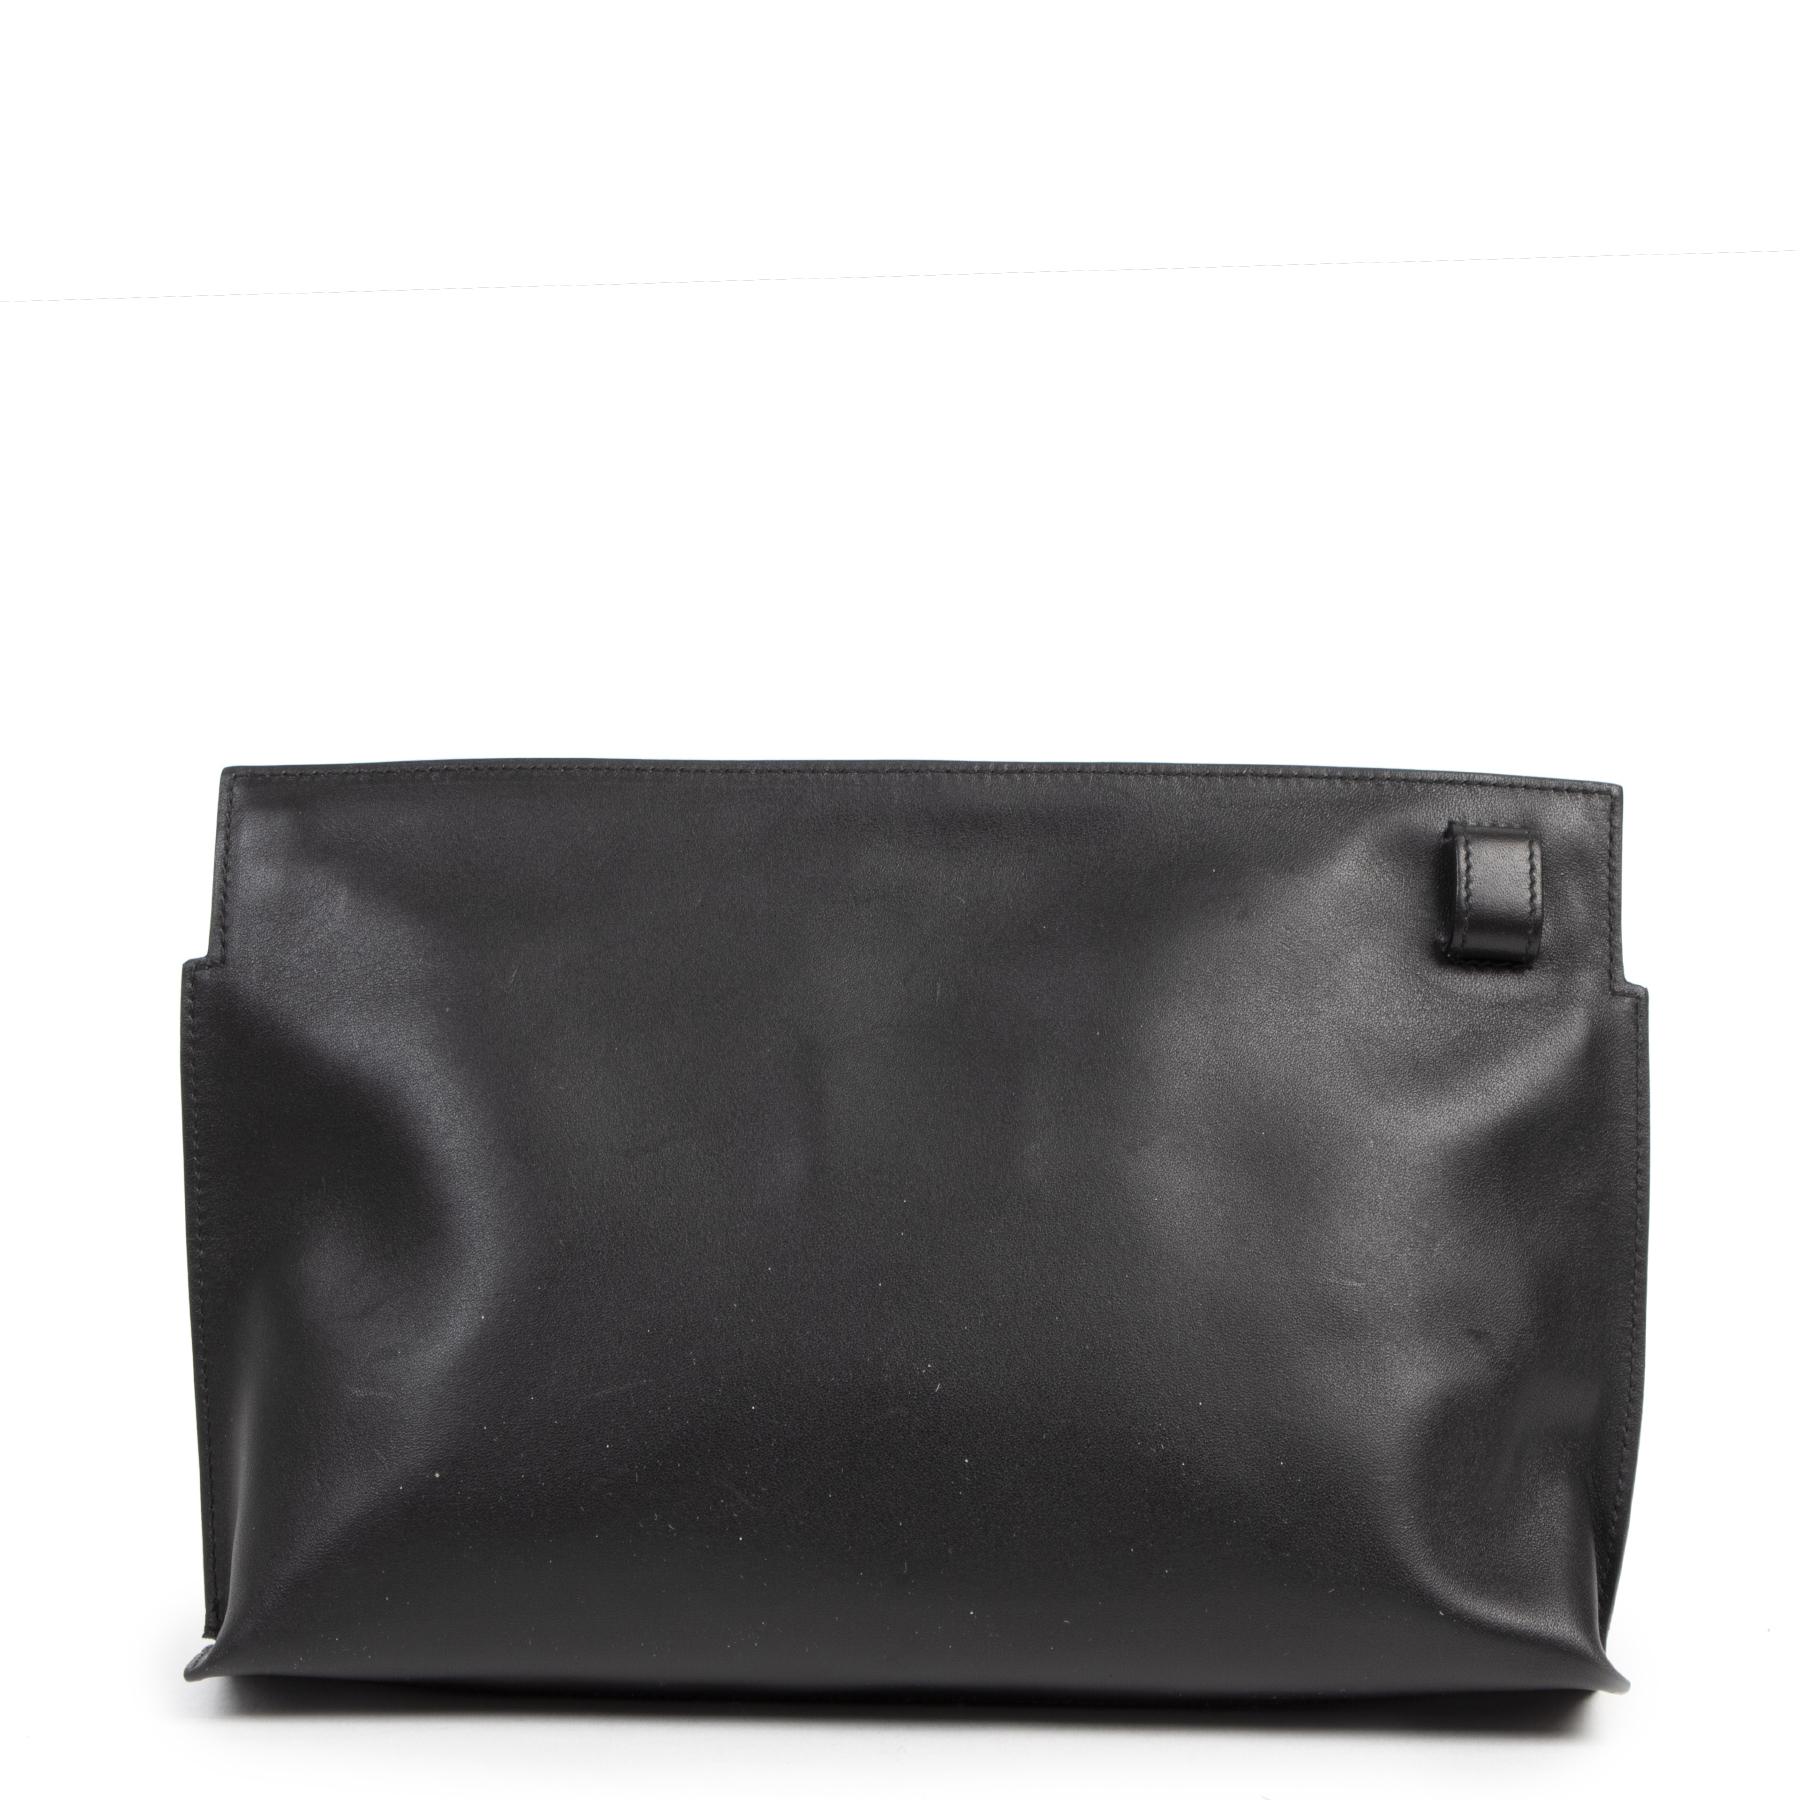 Authentieke tweedehands vintage Loewe Black T Pouch Medium koop online webshop LabelLOV